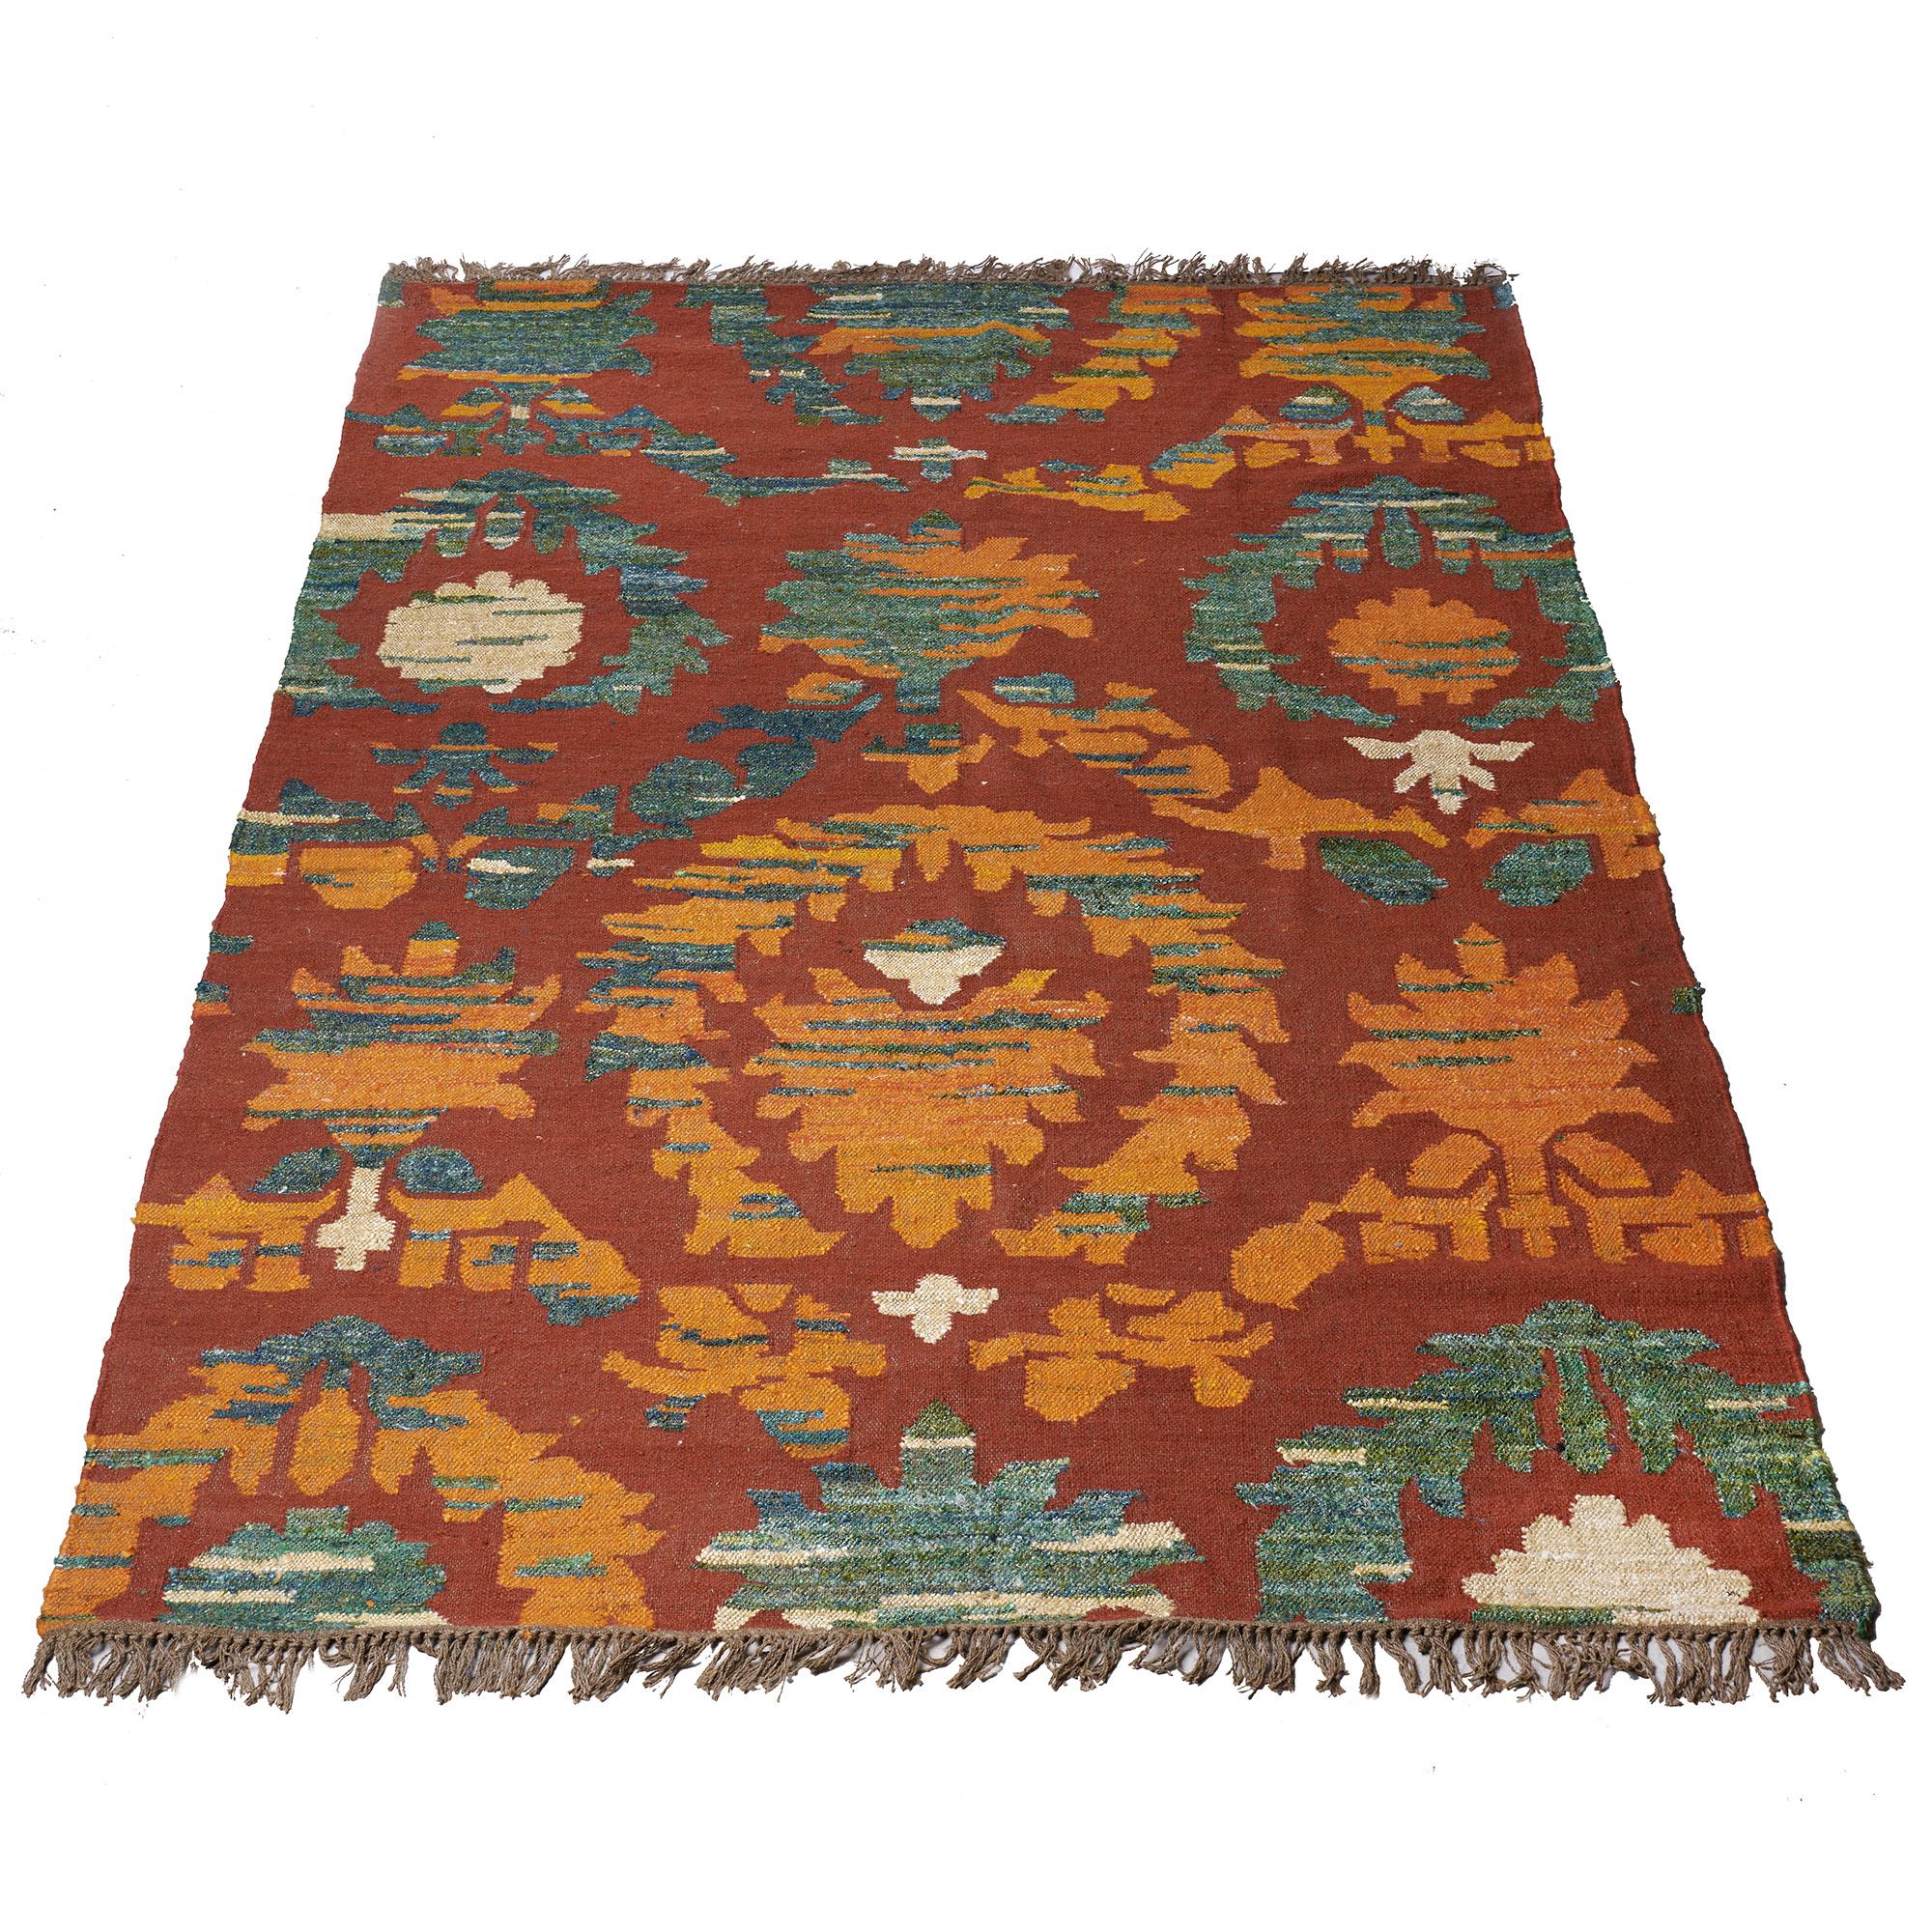 Alfombra de lana y seda, rojo, naranja, y verde 2.00 x 3.00 m